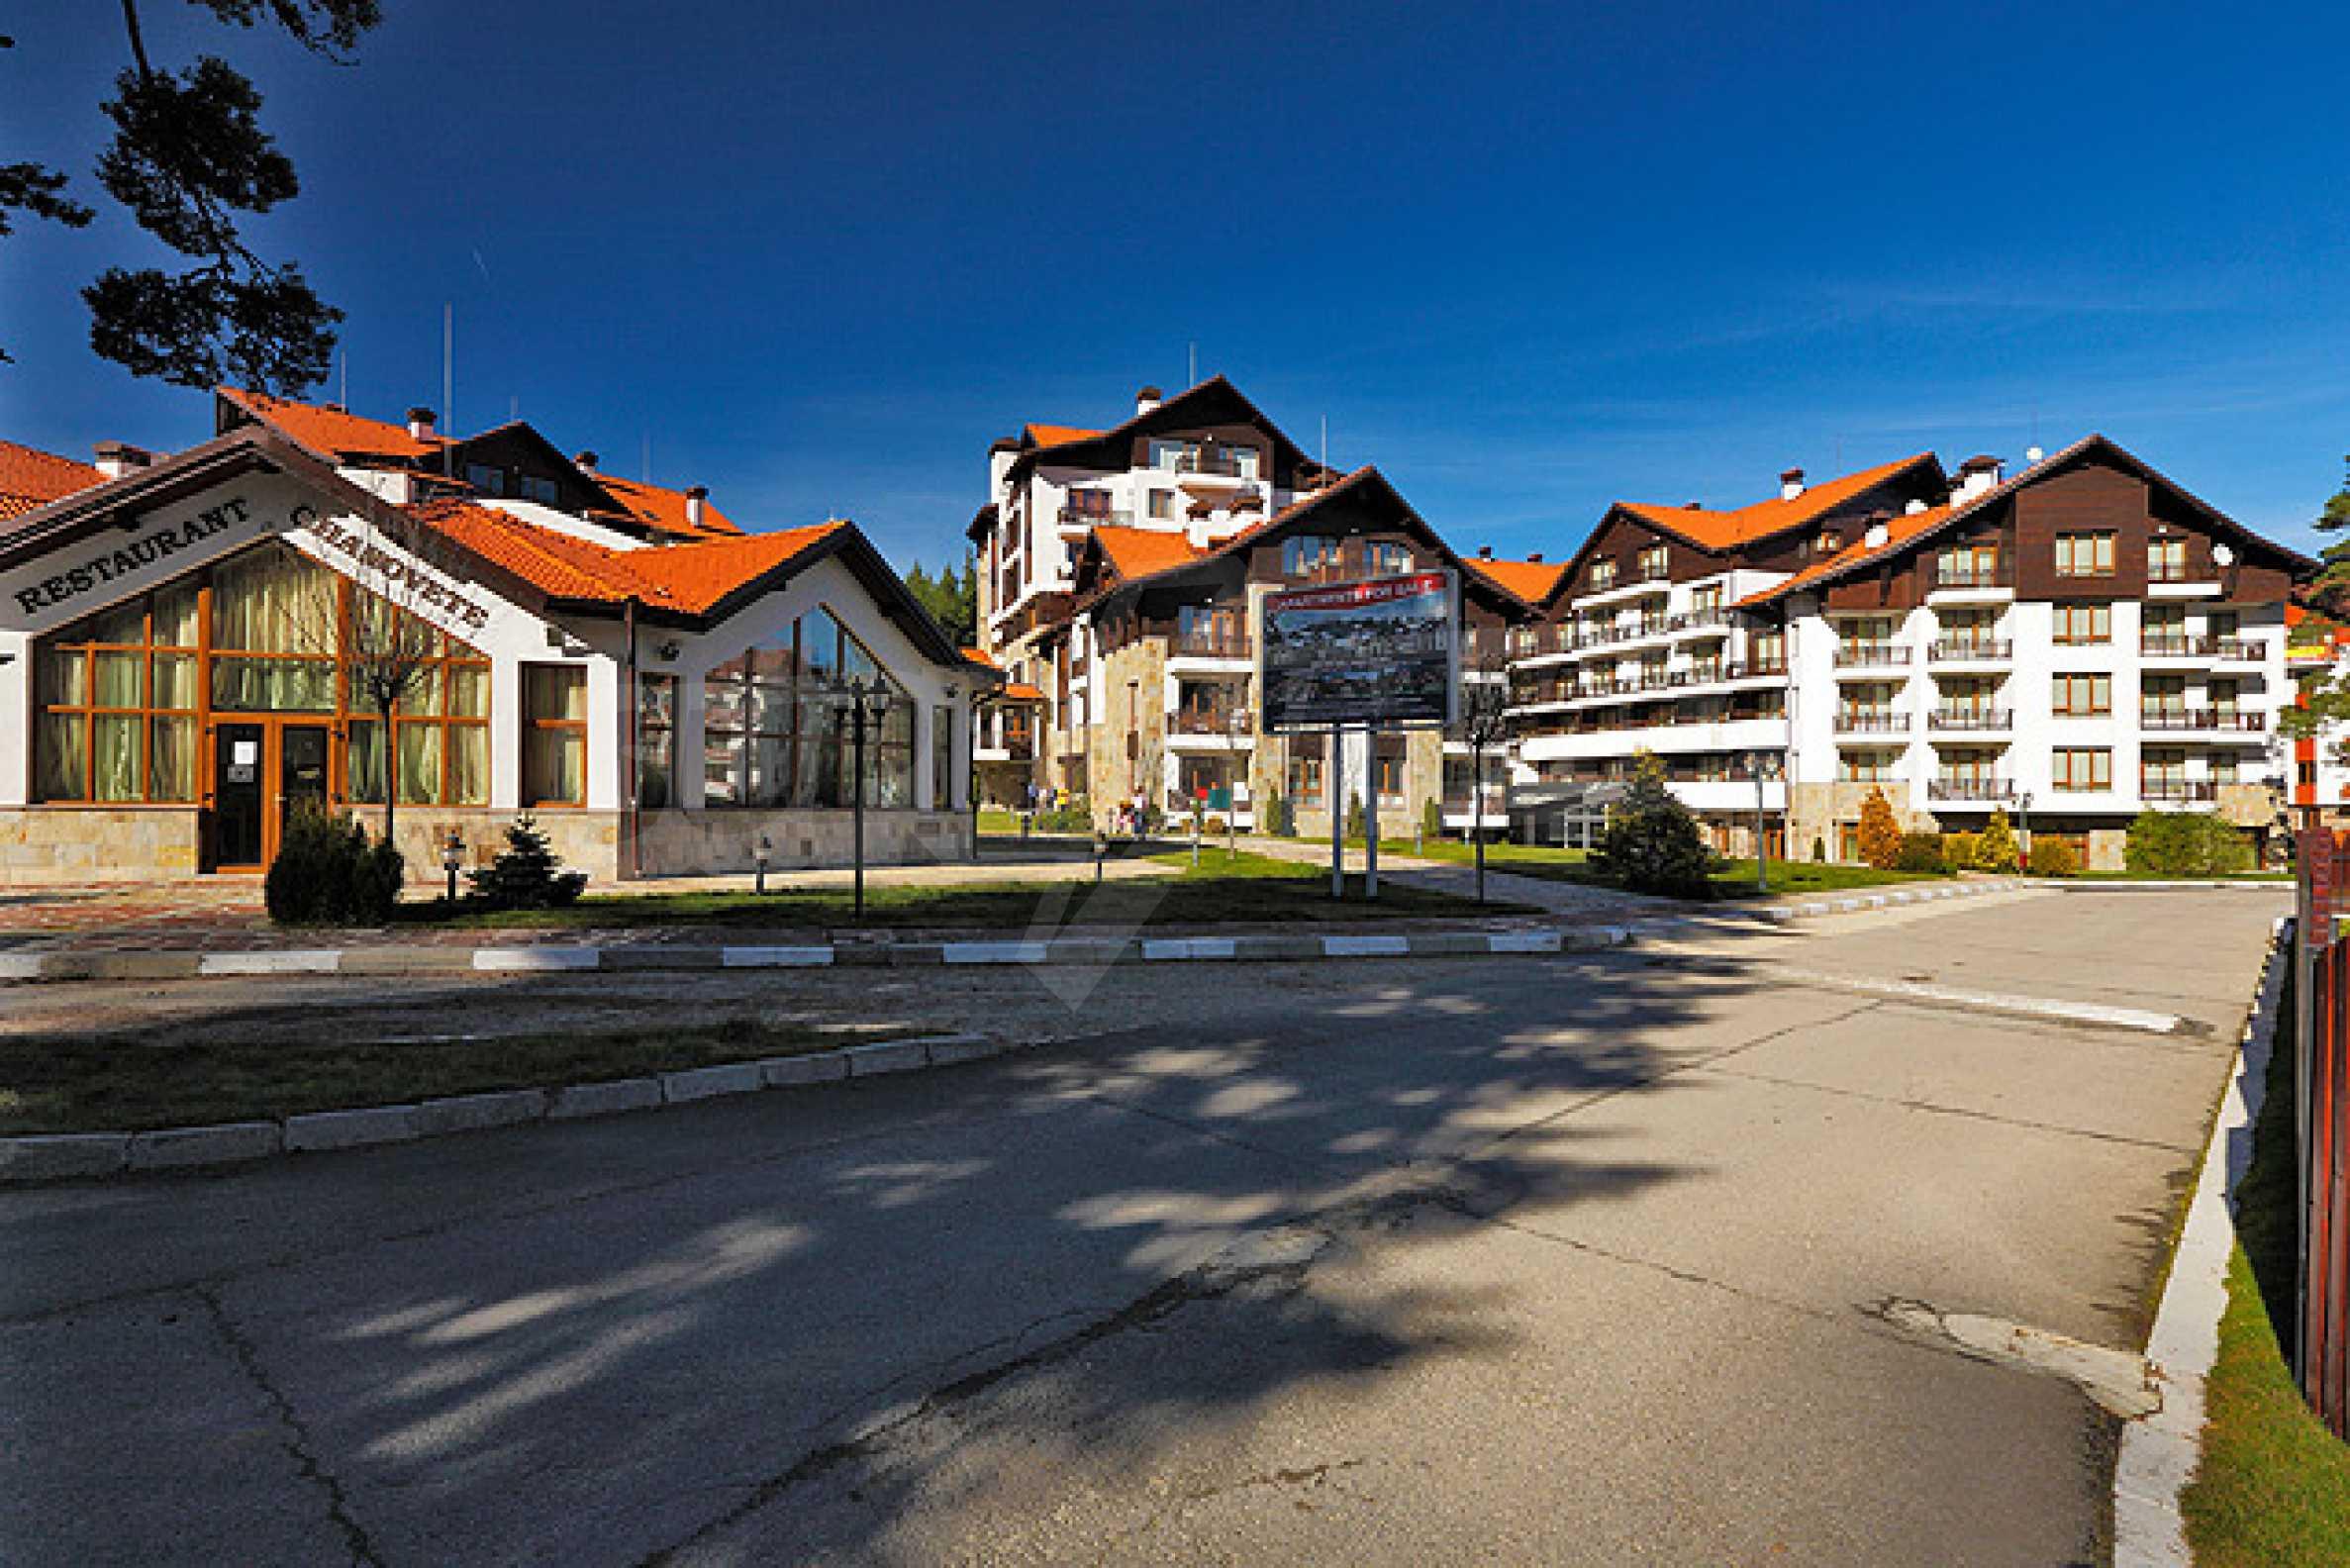 Erstklassige Wohnungen zum Verkauf Meter von der Yastrebets-Strecke in Borovets entfernt 4